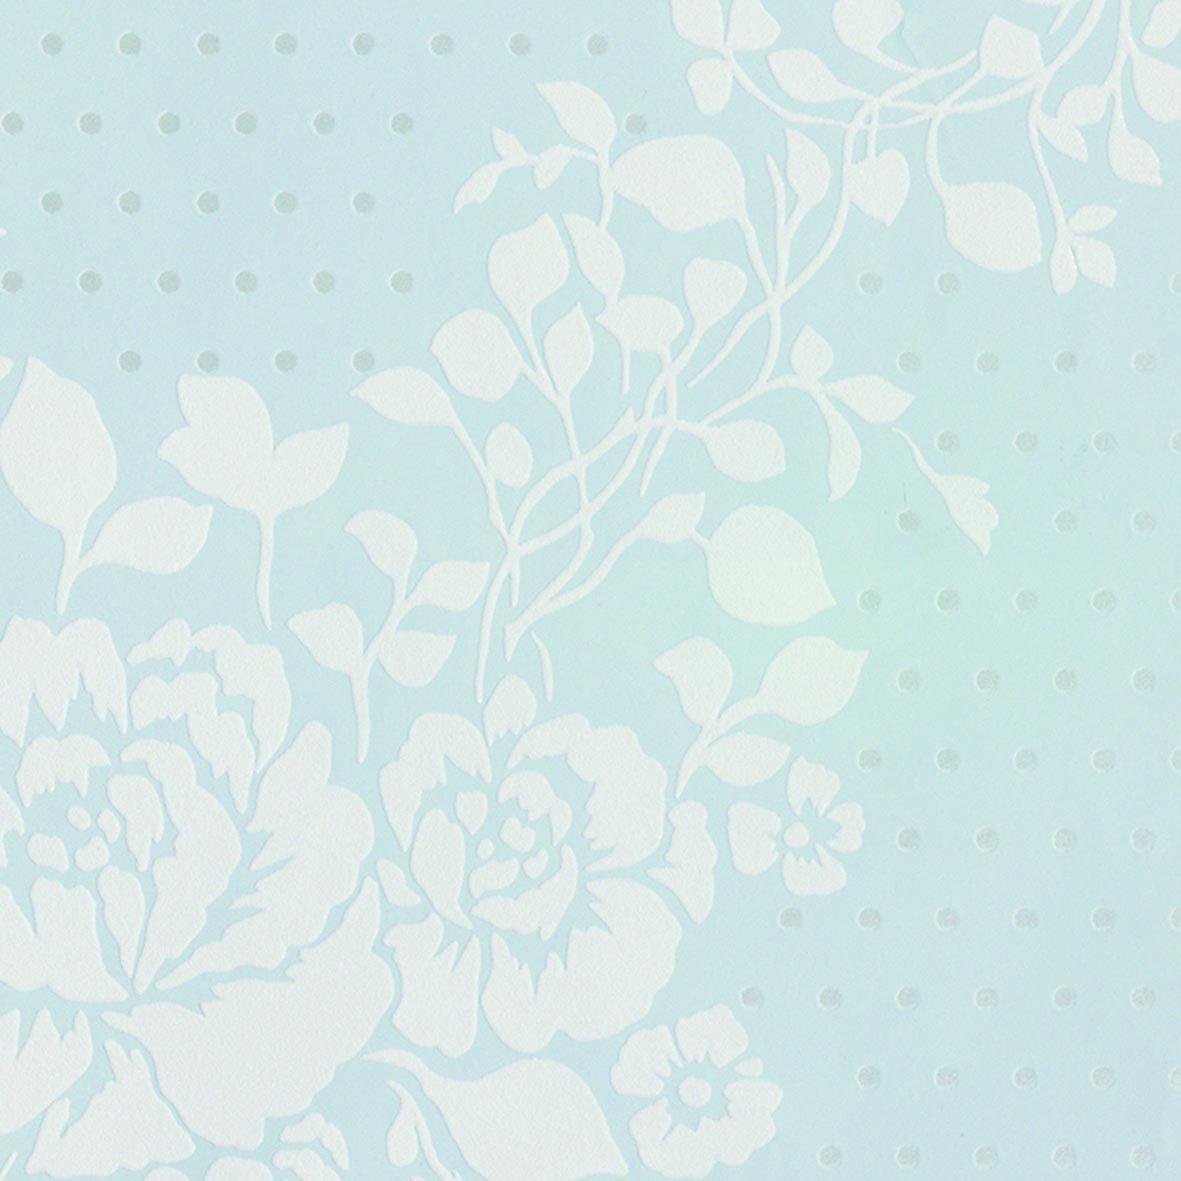 リリカラ 壁紙22m フェミニン ダマスク ピンク Elegance LW-2803 B076142CY8 22m|ピンク